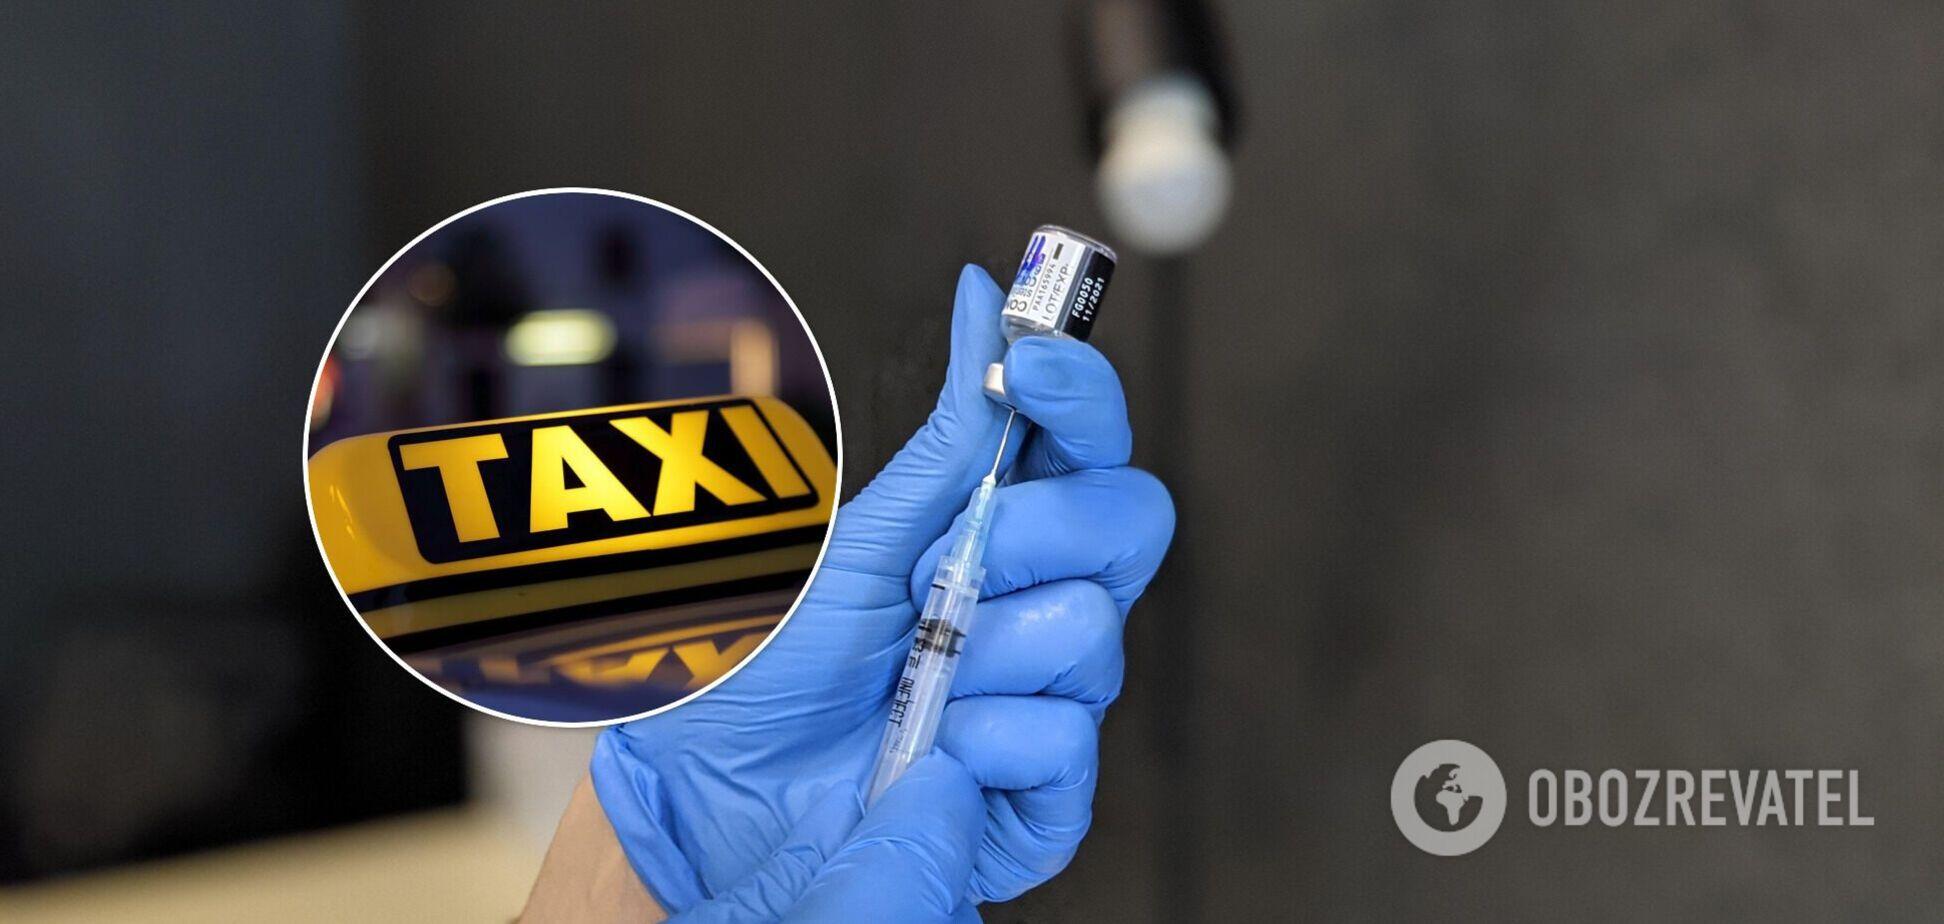 У МОЗ заявили про новий привілей для вакцинованих від COVID-19: можуть отримати знижку в таксі